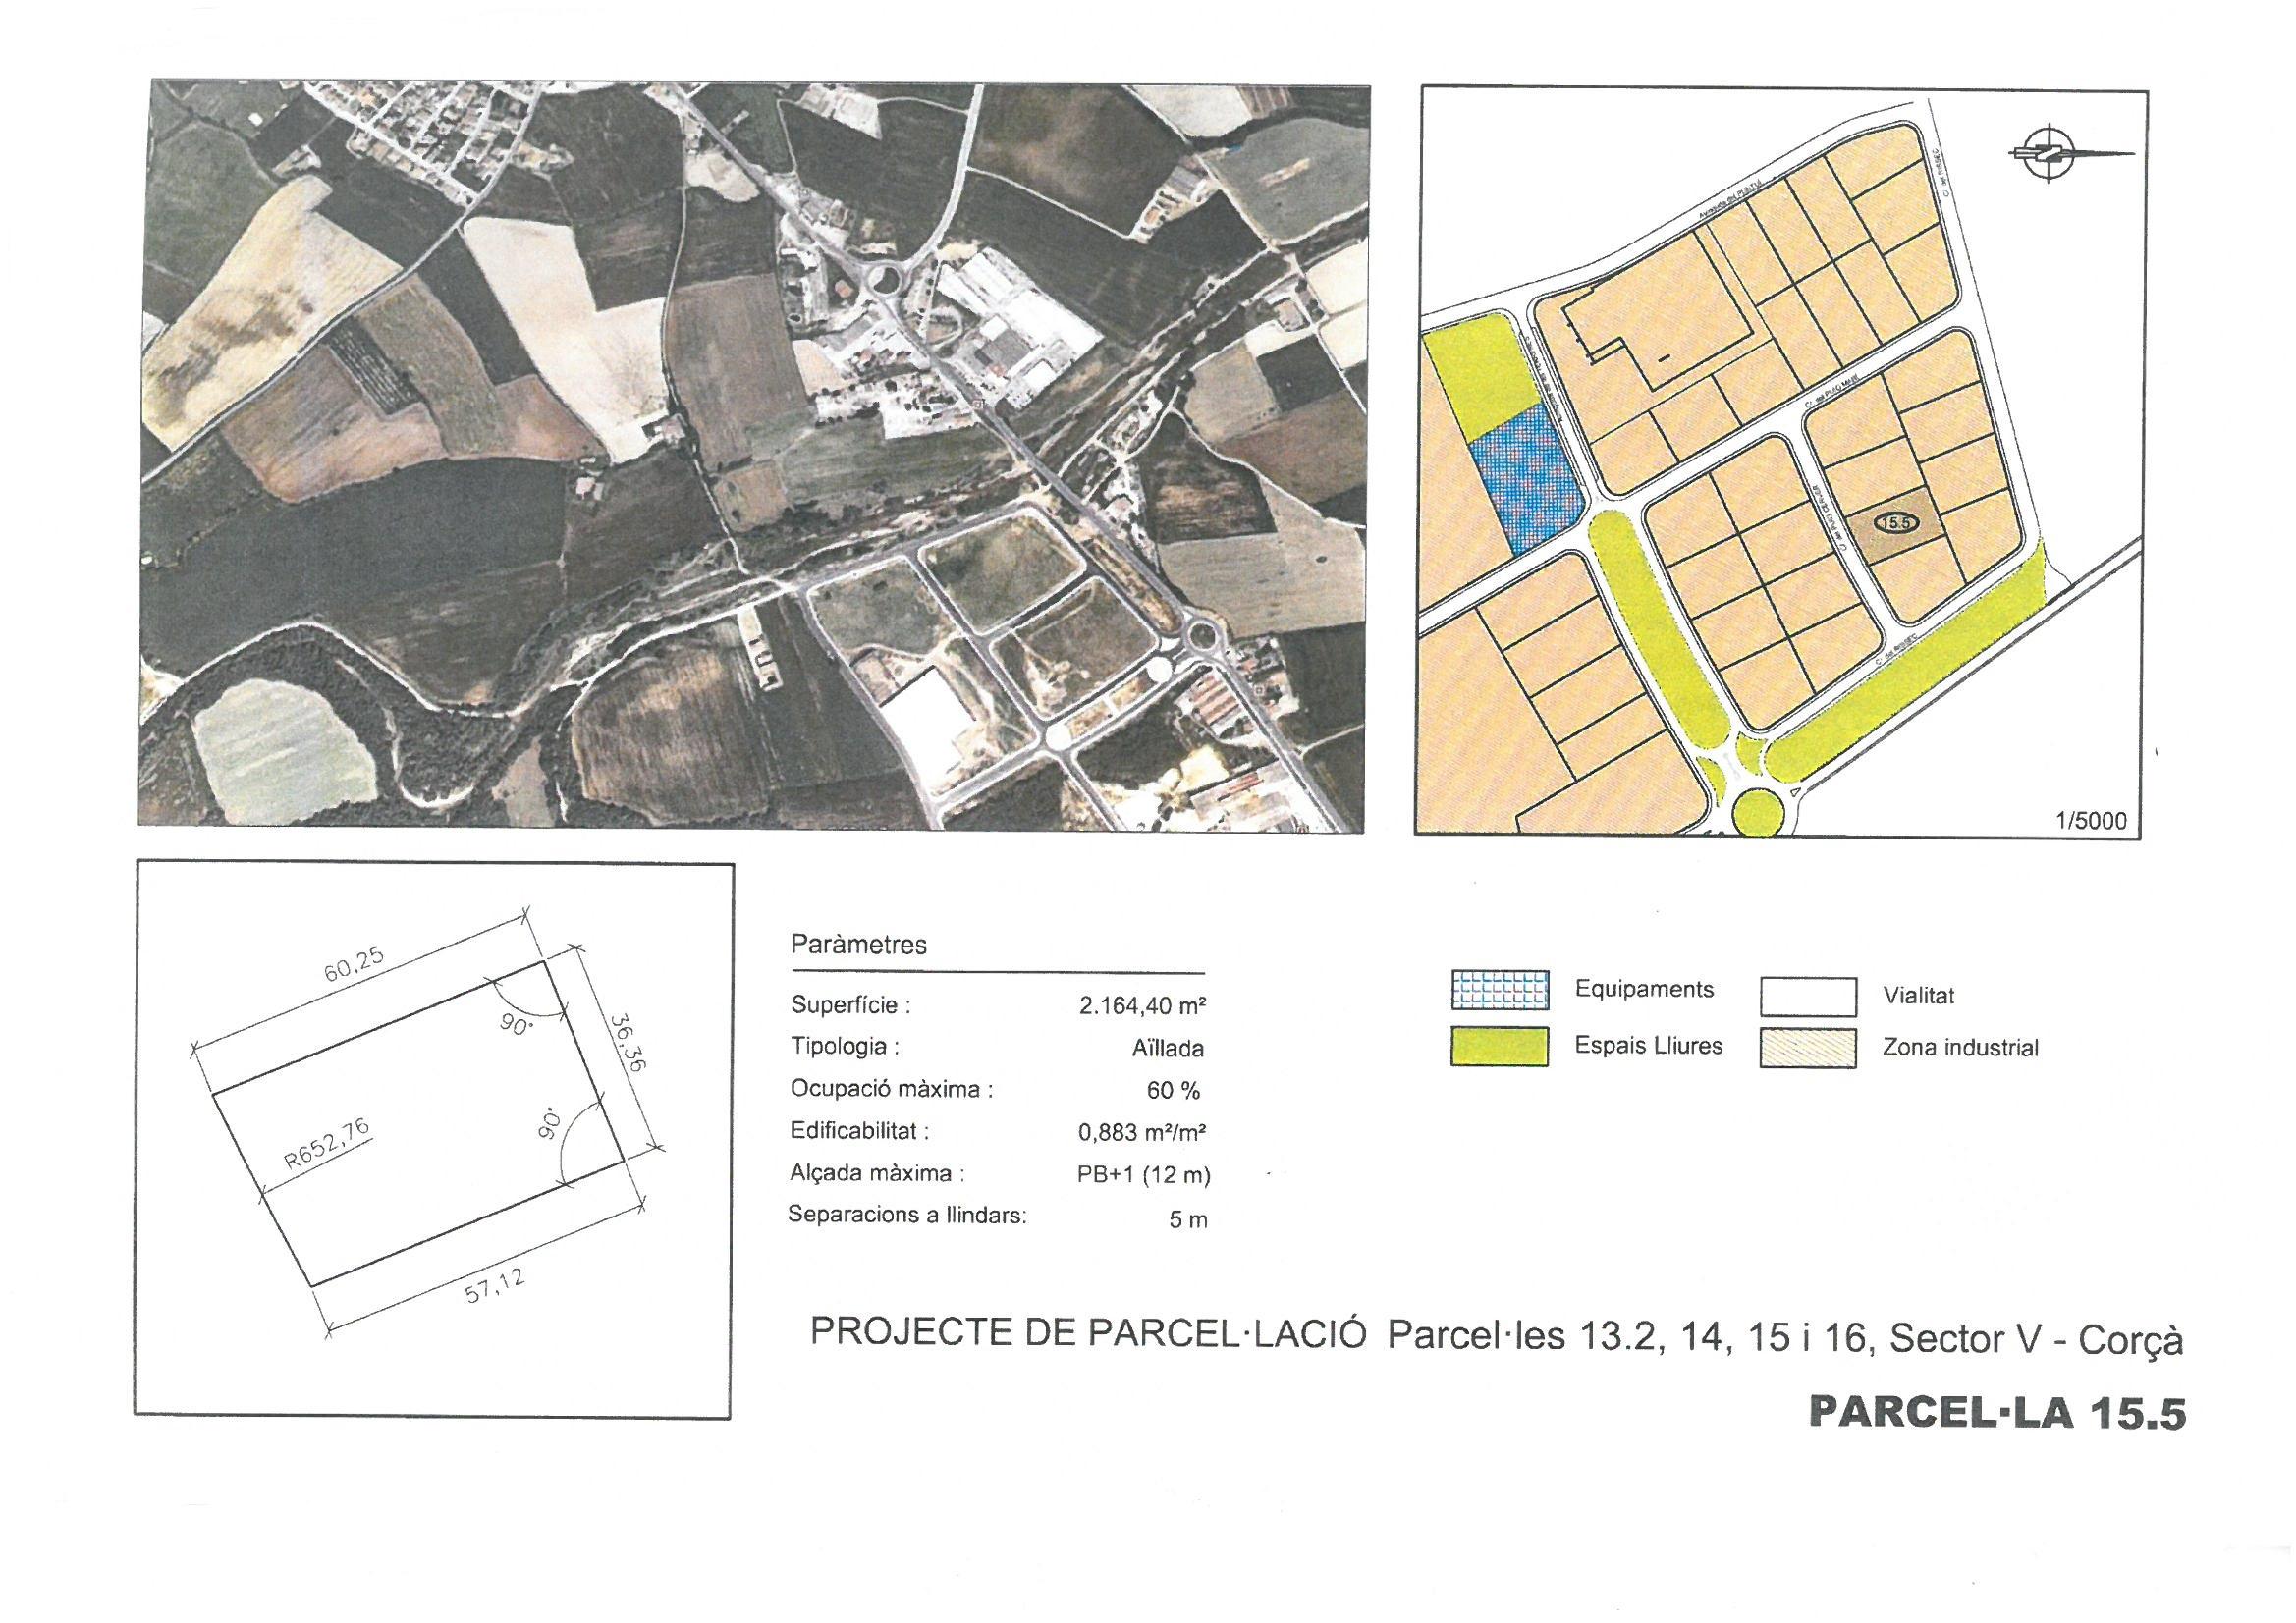 Terme municipal de Corcà, parcel•la 15.5